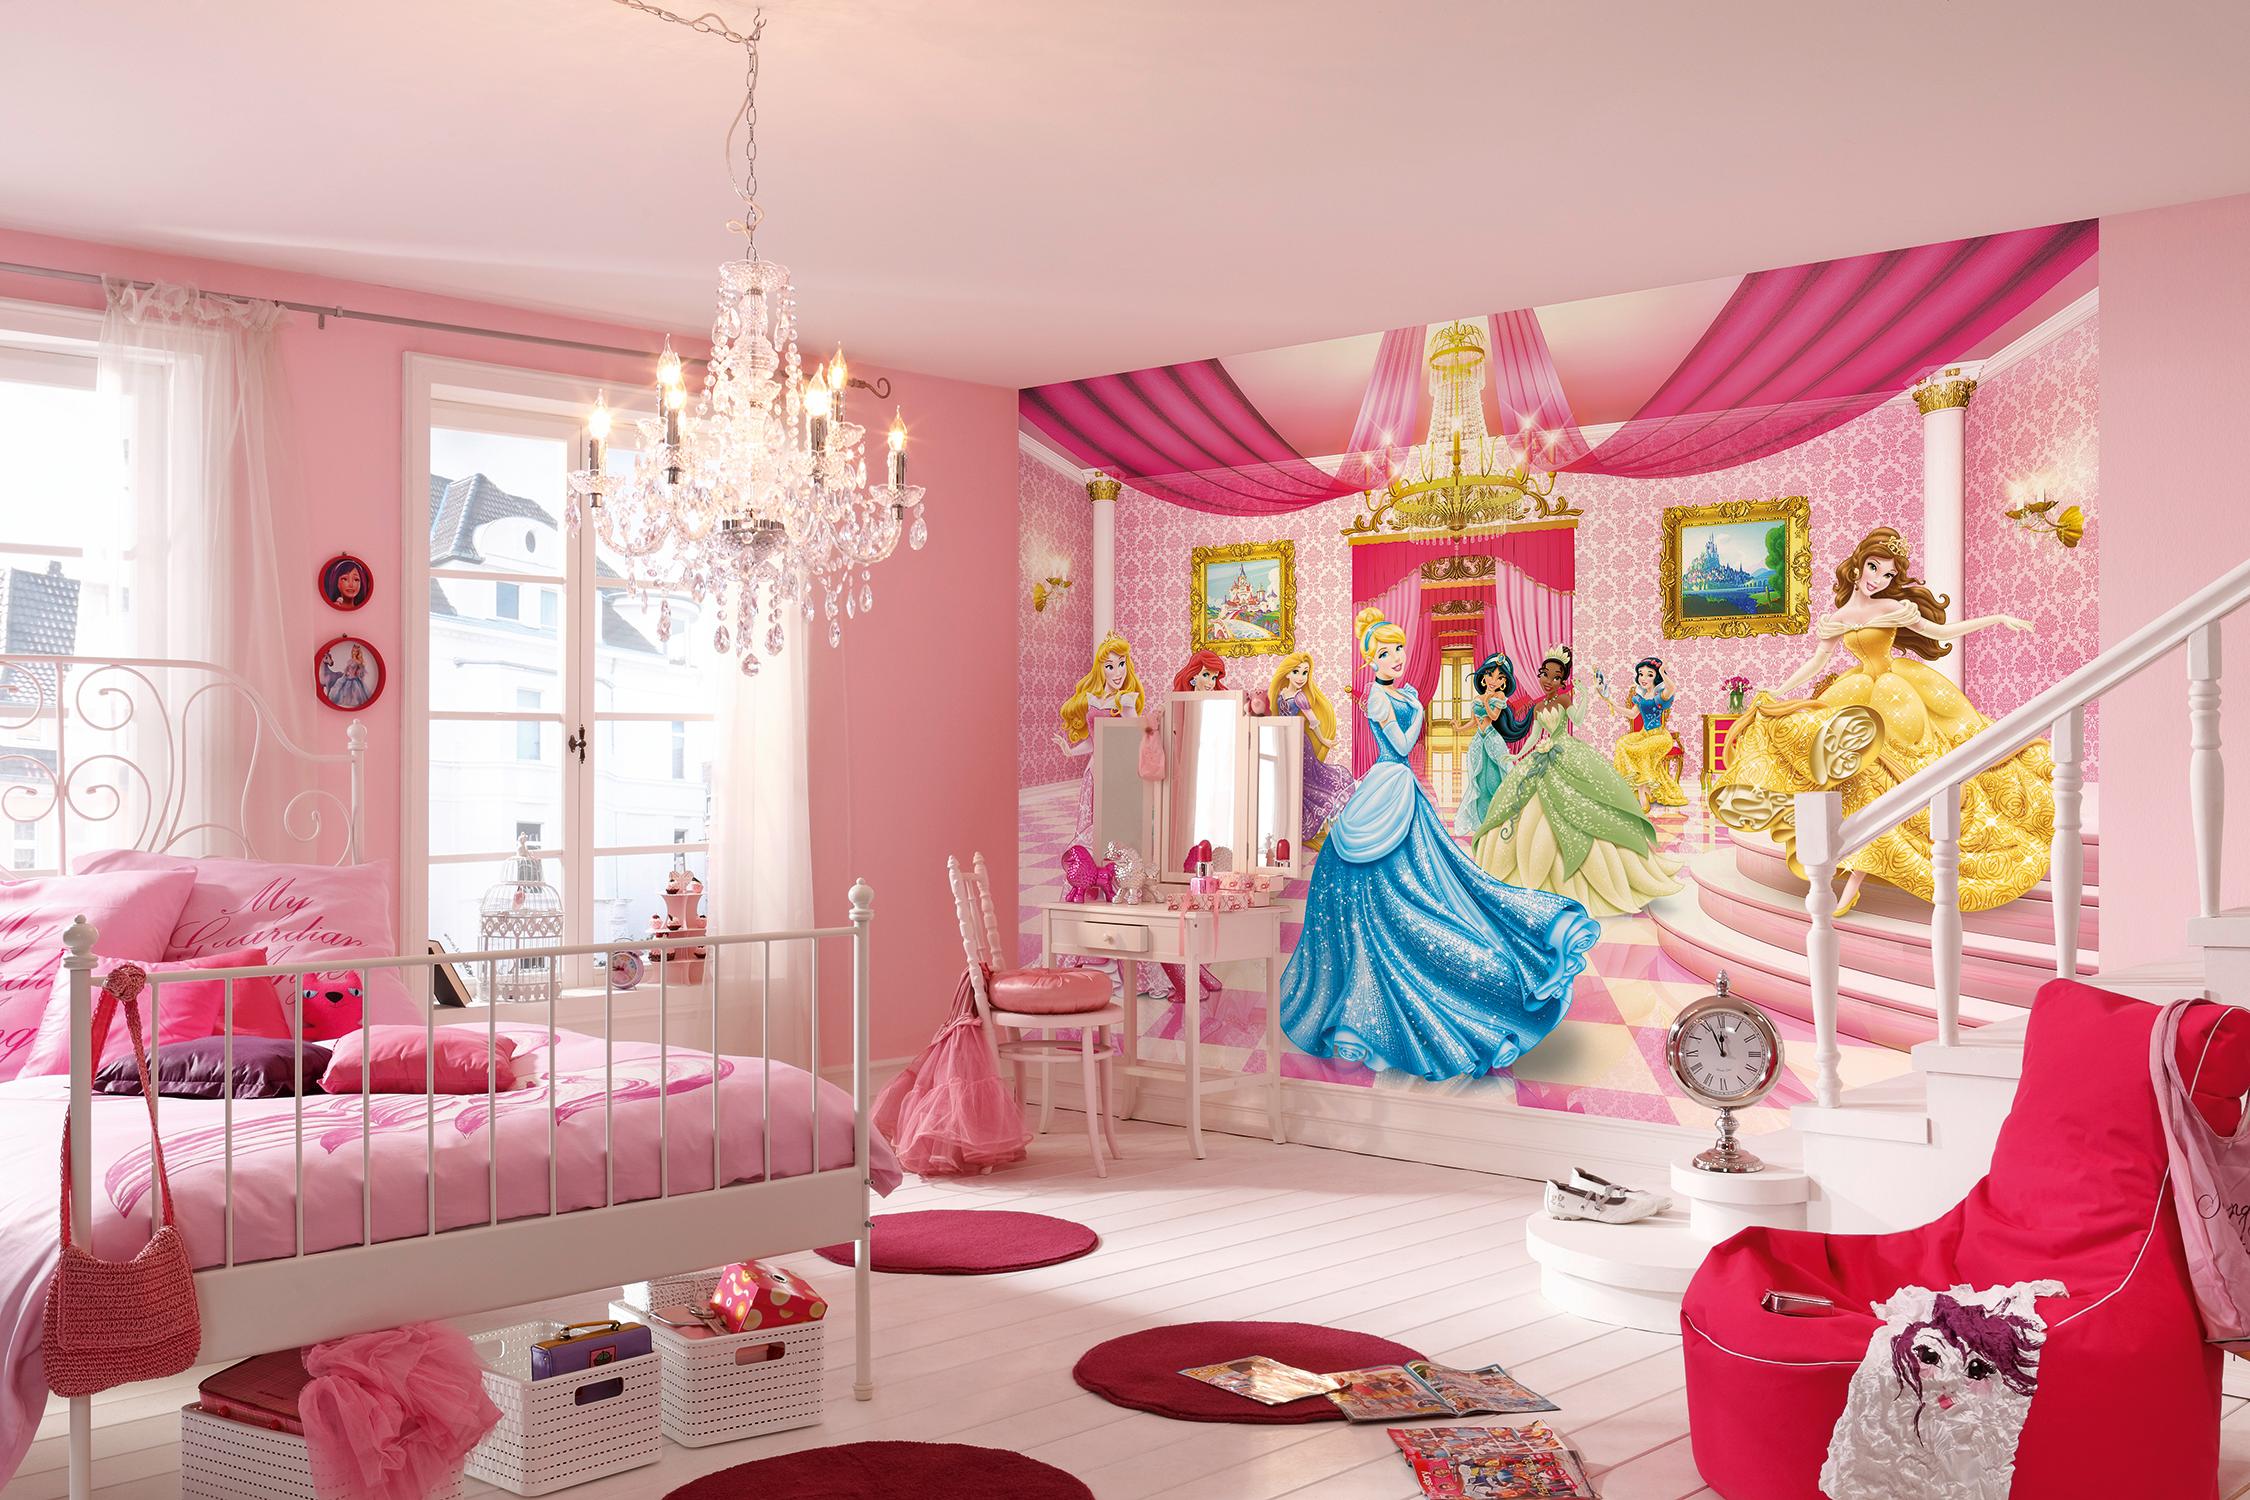 Beautiful Die Komar Fototapete Princess Ballroom bietet im Kinderzimmer eine verspielte Atmosph re